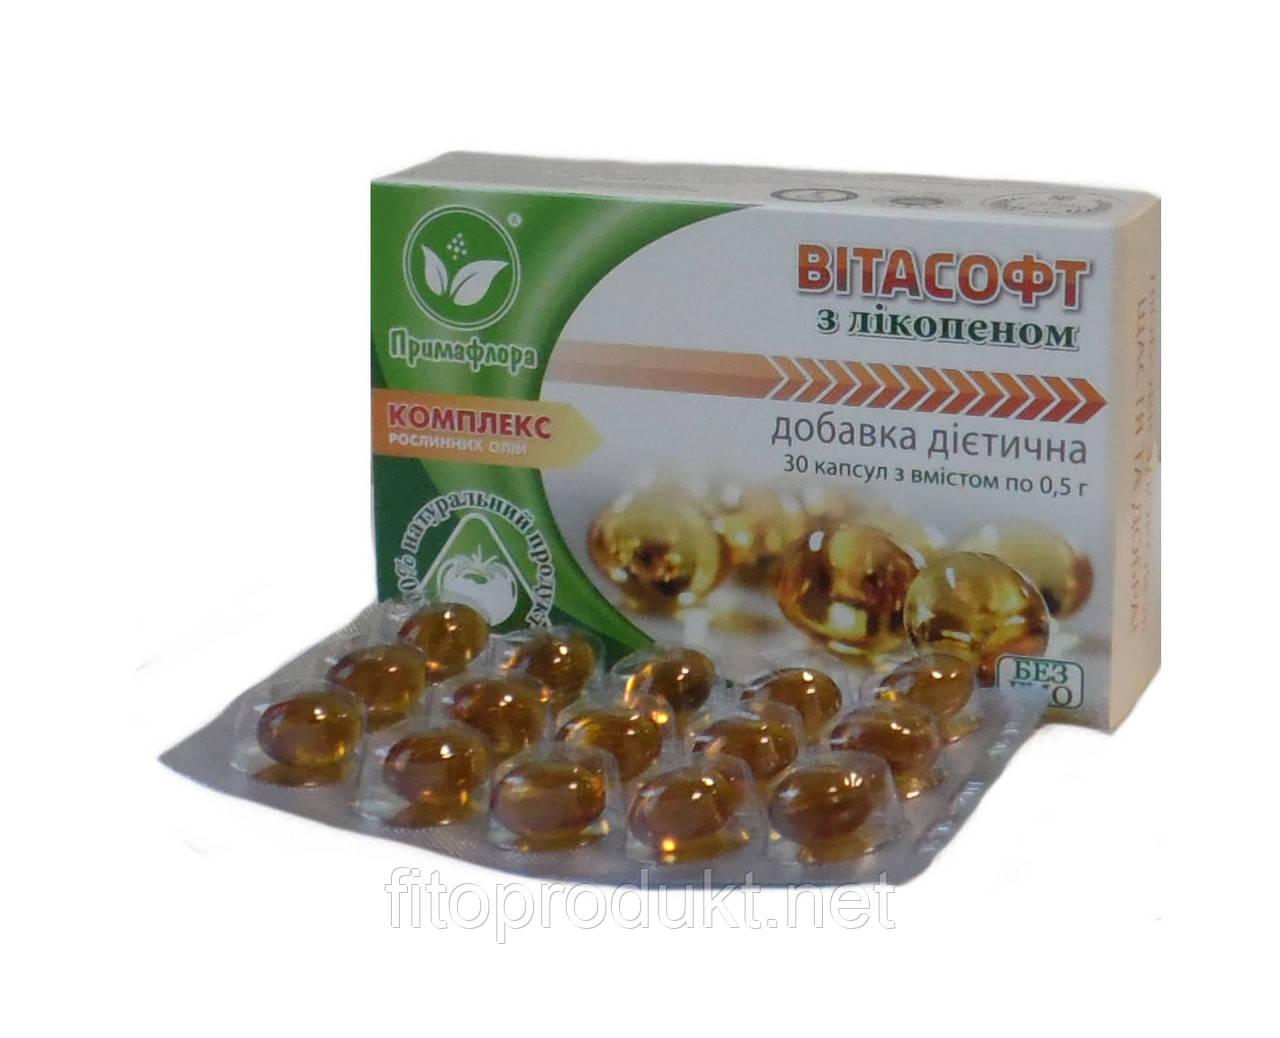 Витасофт з лікопеном комплекс захисних сил організму 30 капс Примафлора